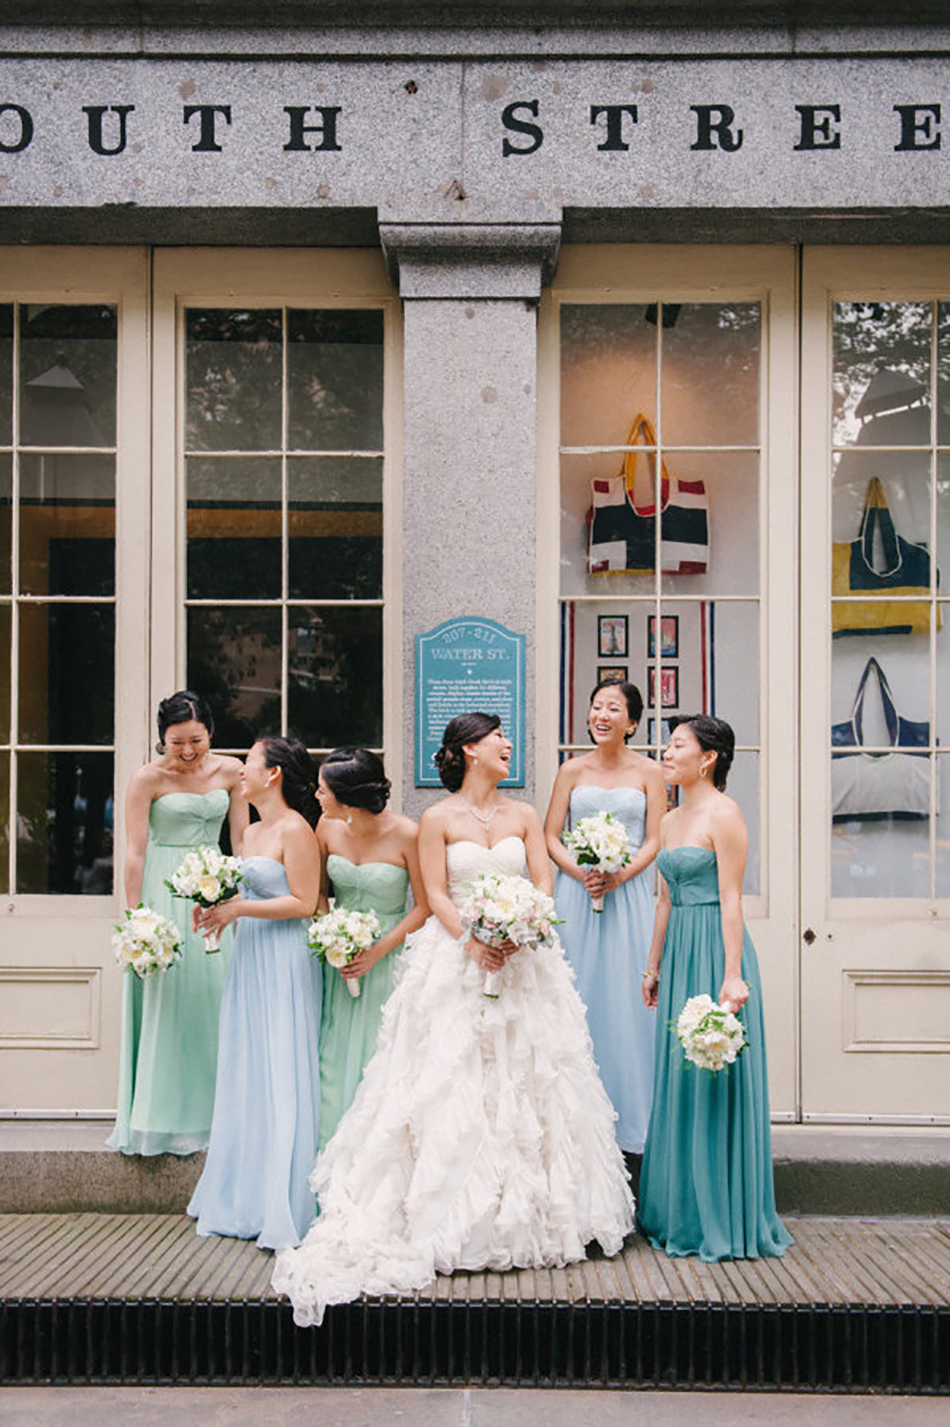 Wedding ideas by colour: pastel blue bridesmaid dresses